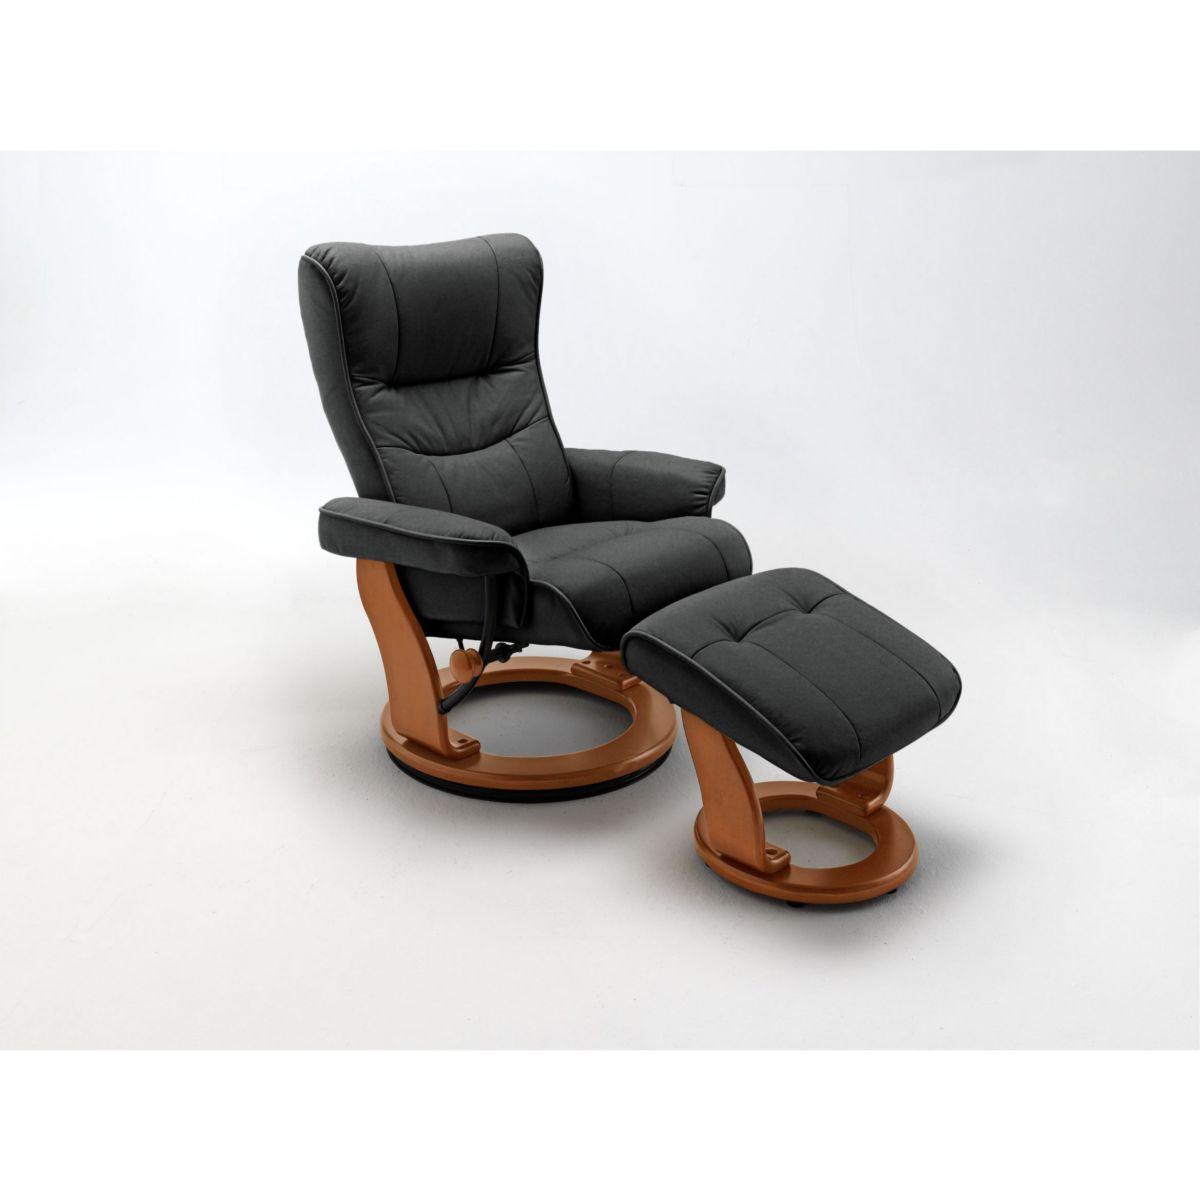 Relaxsessel mit Hocker Leder / Kunstleder schwarz jetztbilligerkaufen